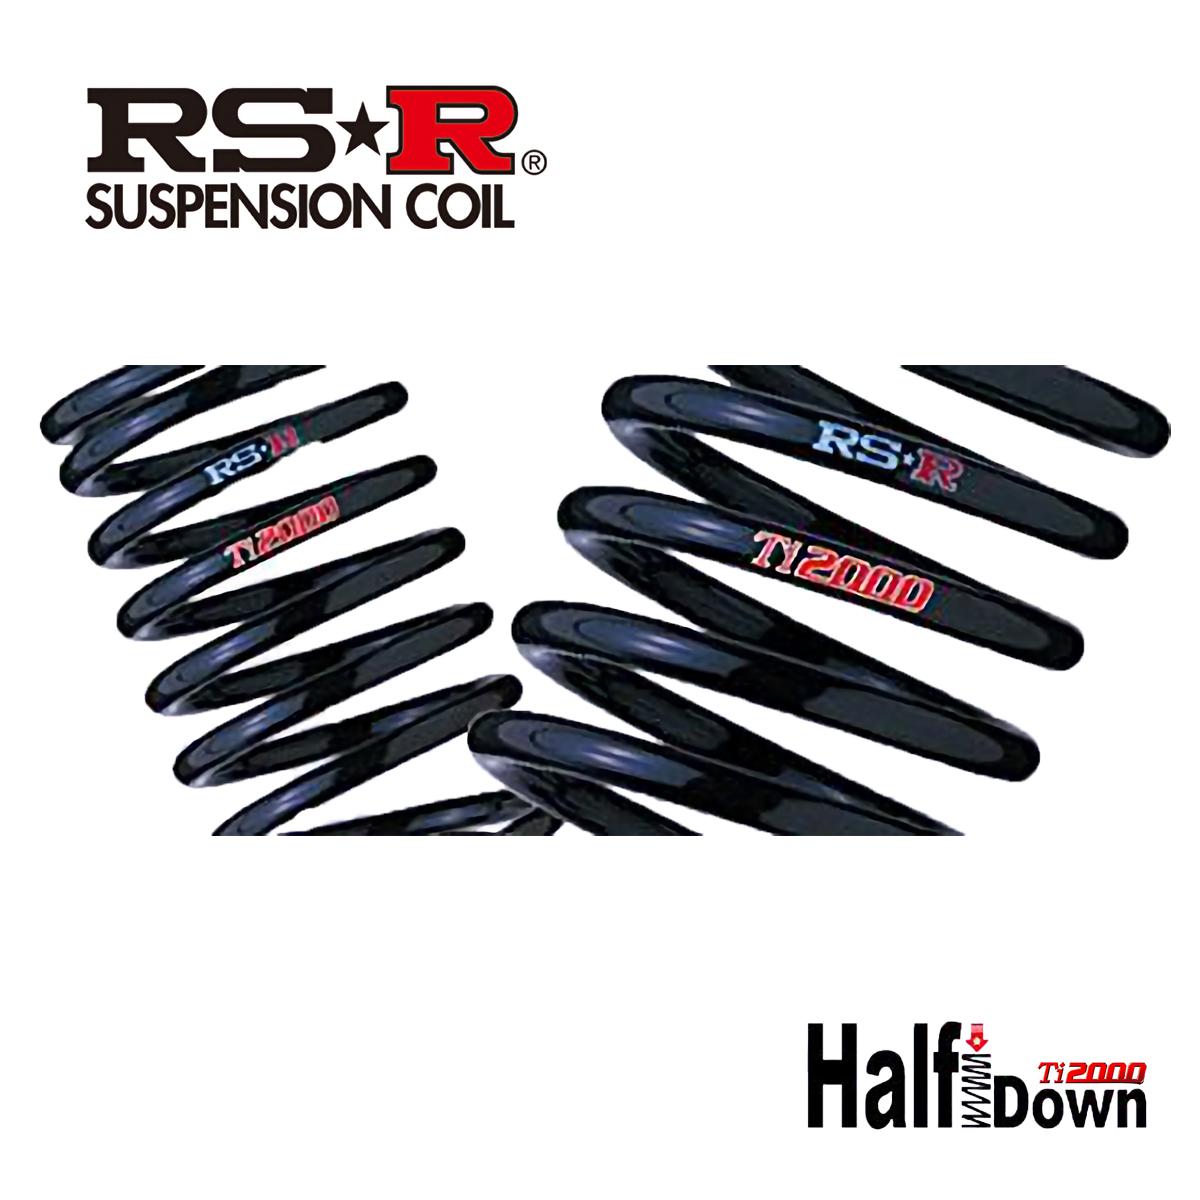 RS-R ステップワゴン G RP1 ダウンサス スプリング リアのみ H781TWR Ti2000 ダウン RSR 個人宅発送追金有